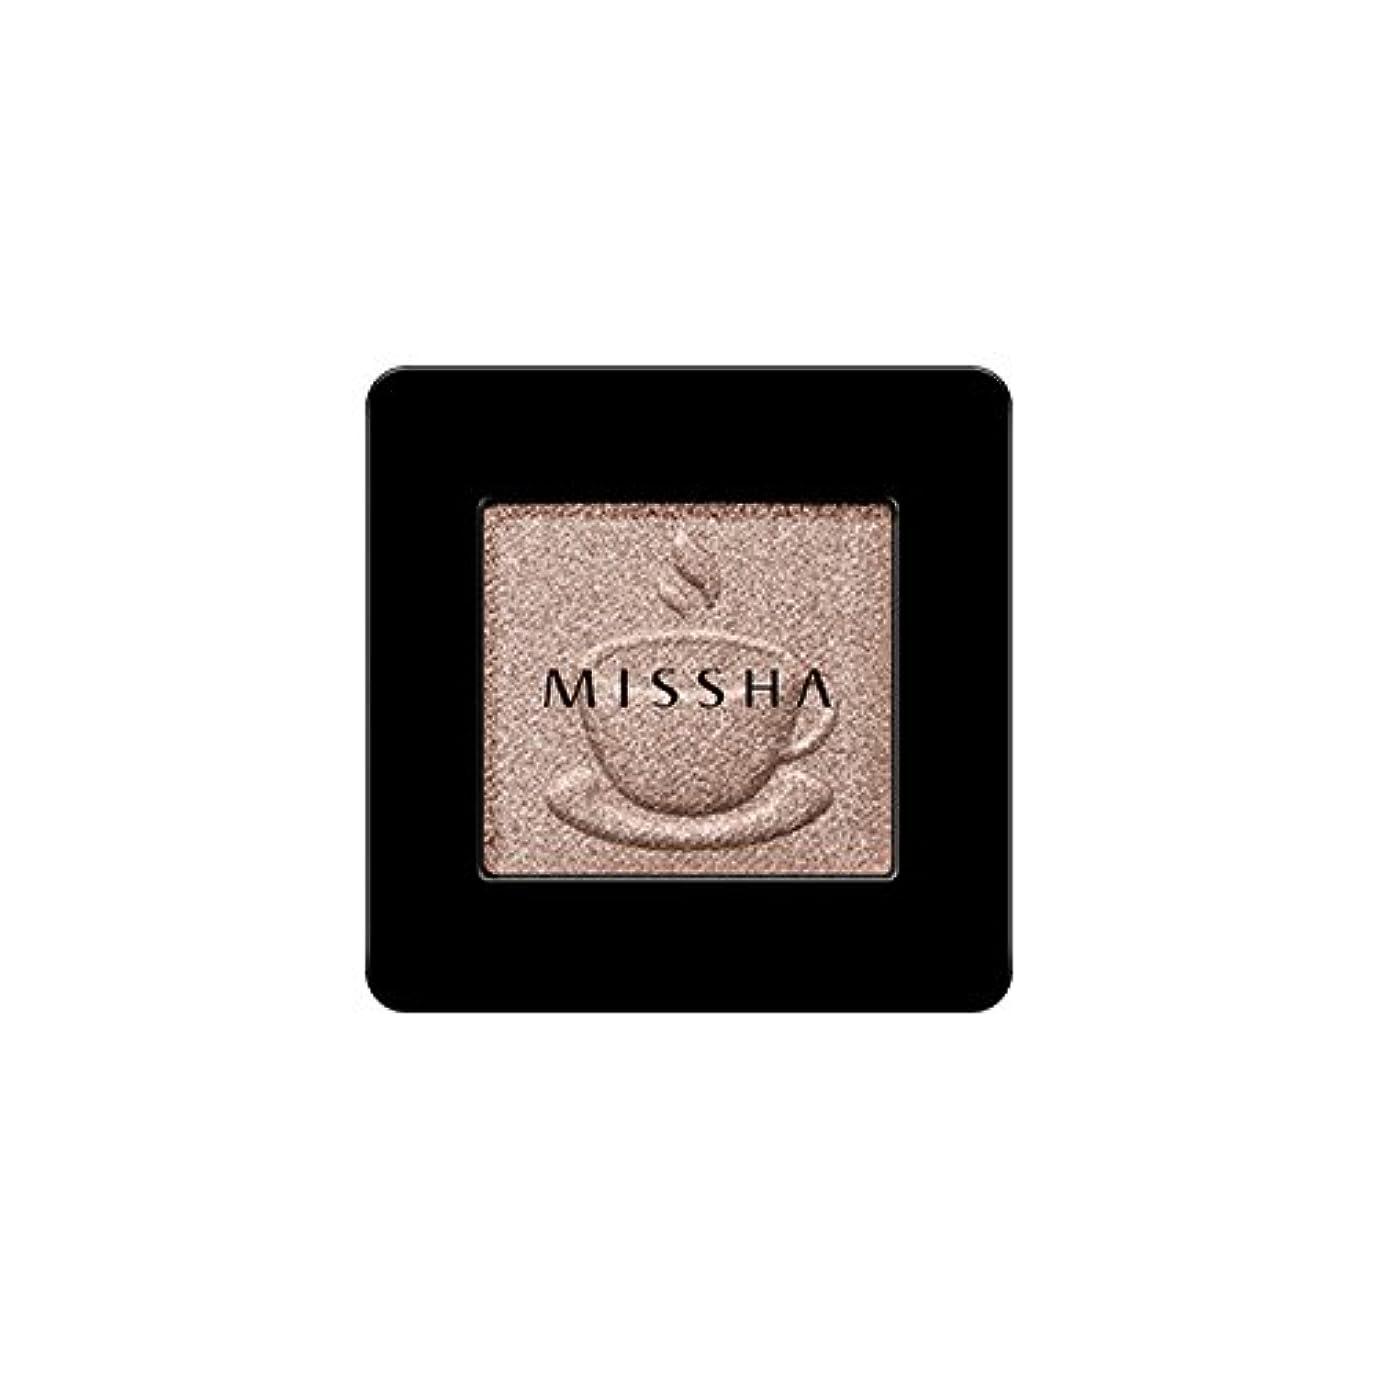 空白困惑する投げる[2016 F/W New Color] MISSHA Modern Shadow [Shimmer]/ミシャ モダン シャドウ [シマー] (#SBE03 Chocolate Beige)